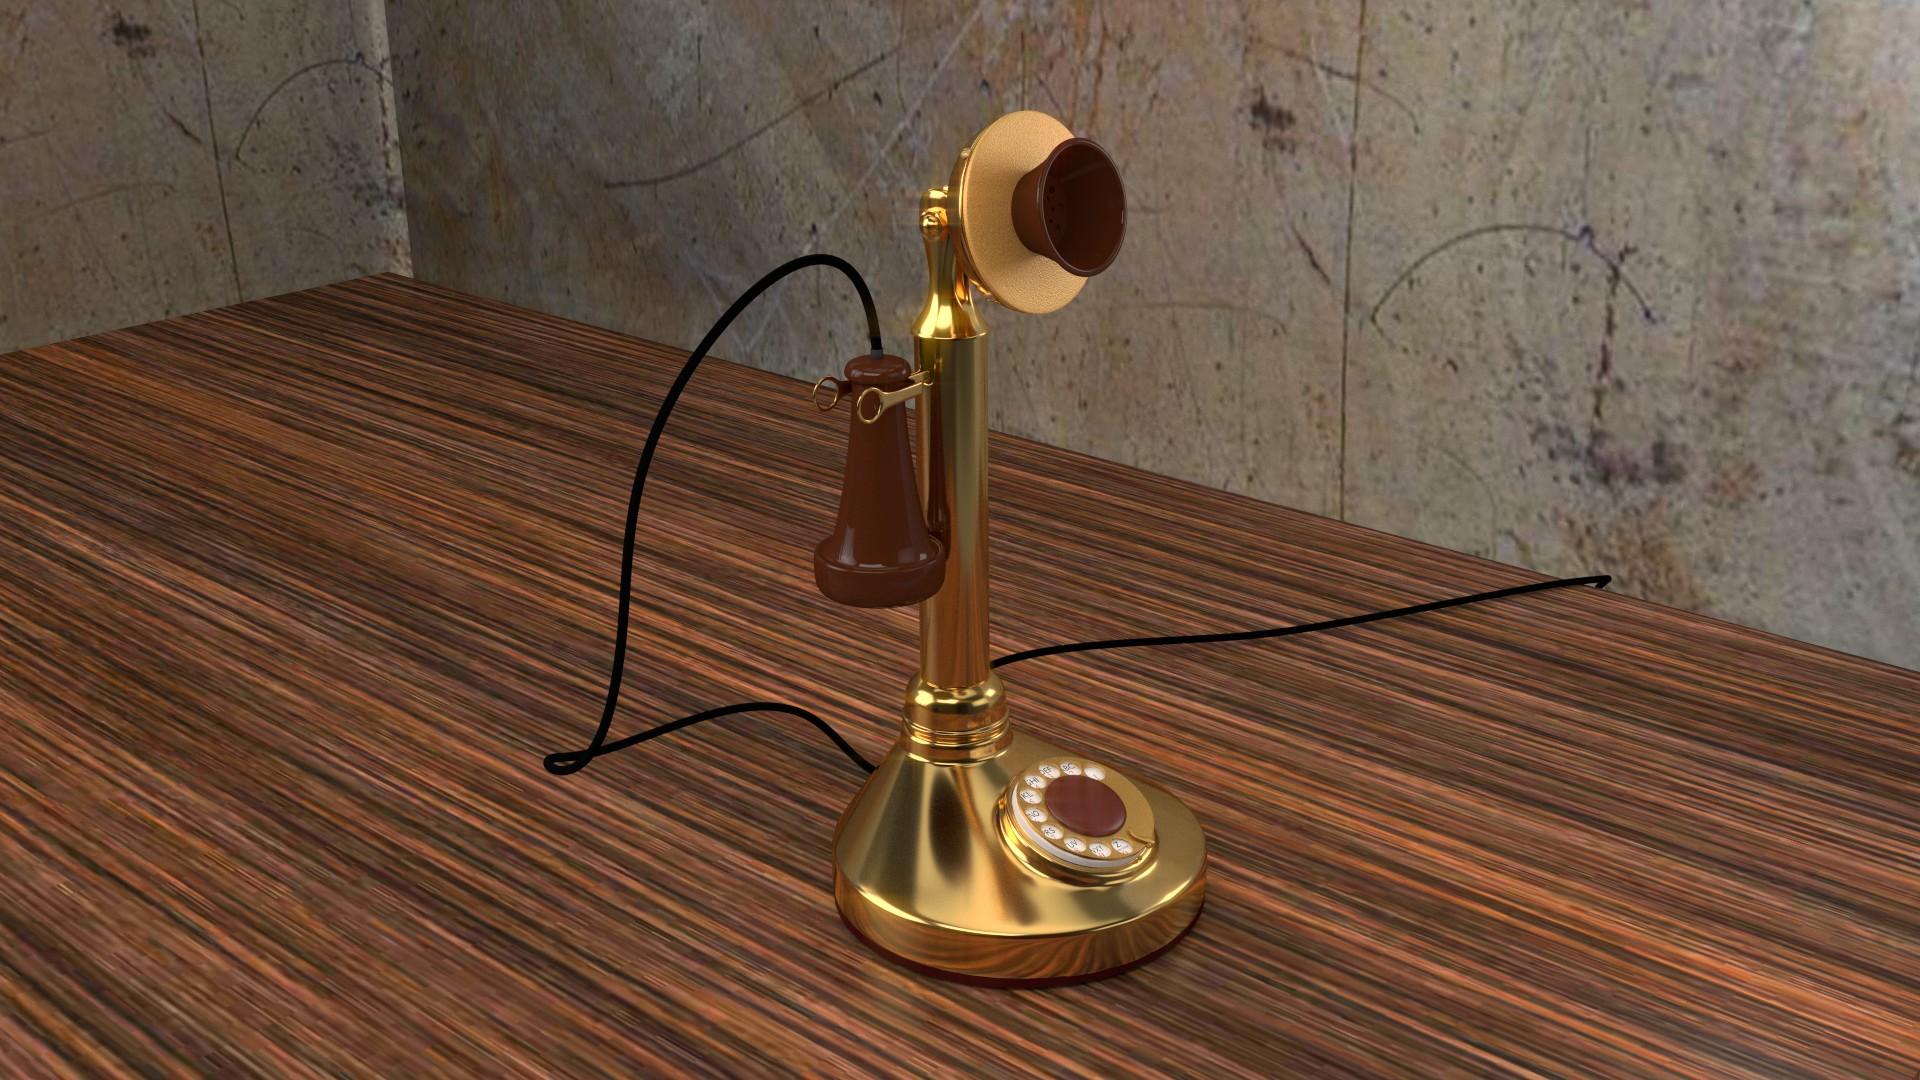 Teléfono de sobremesa-telefono_02.jpg